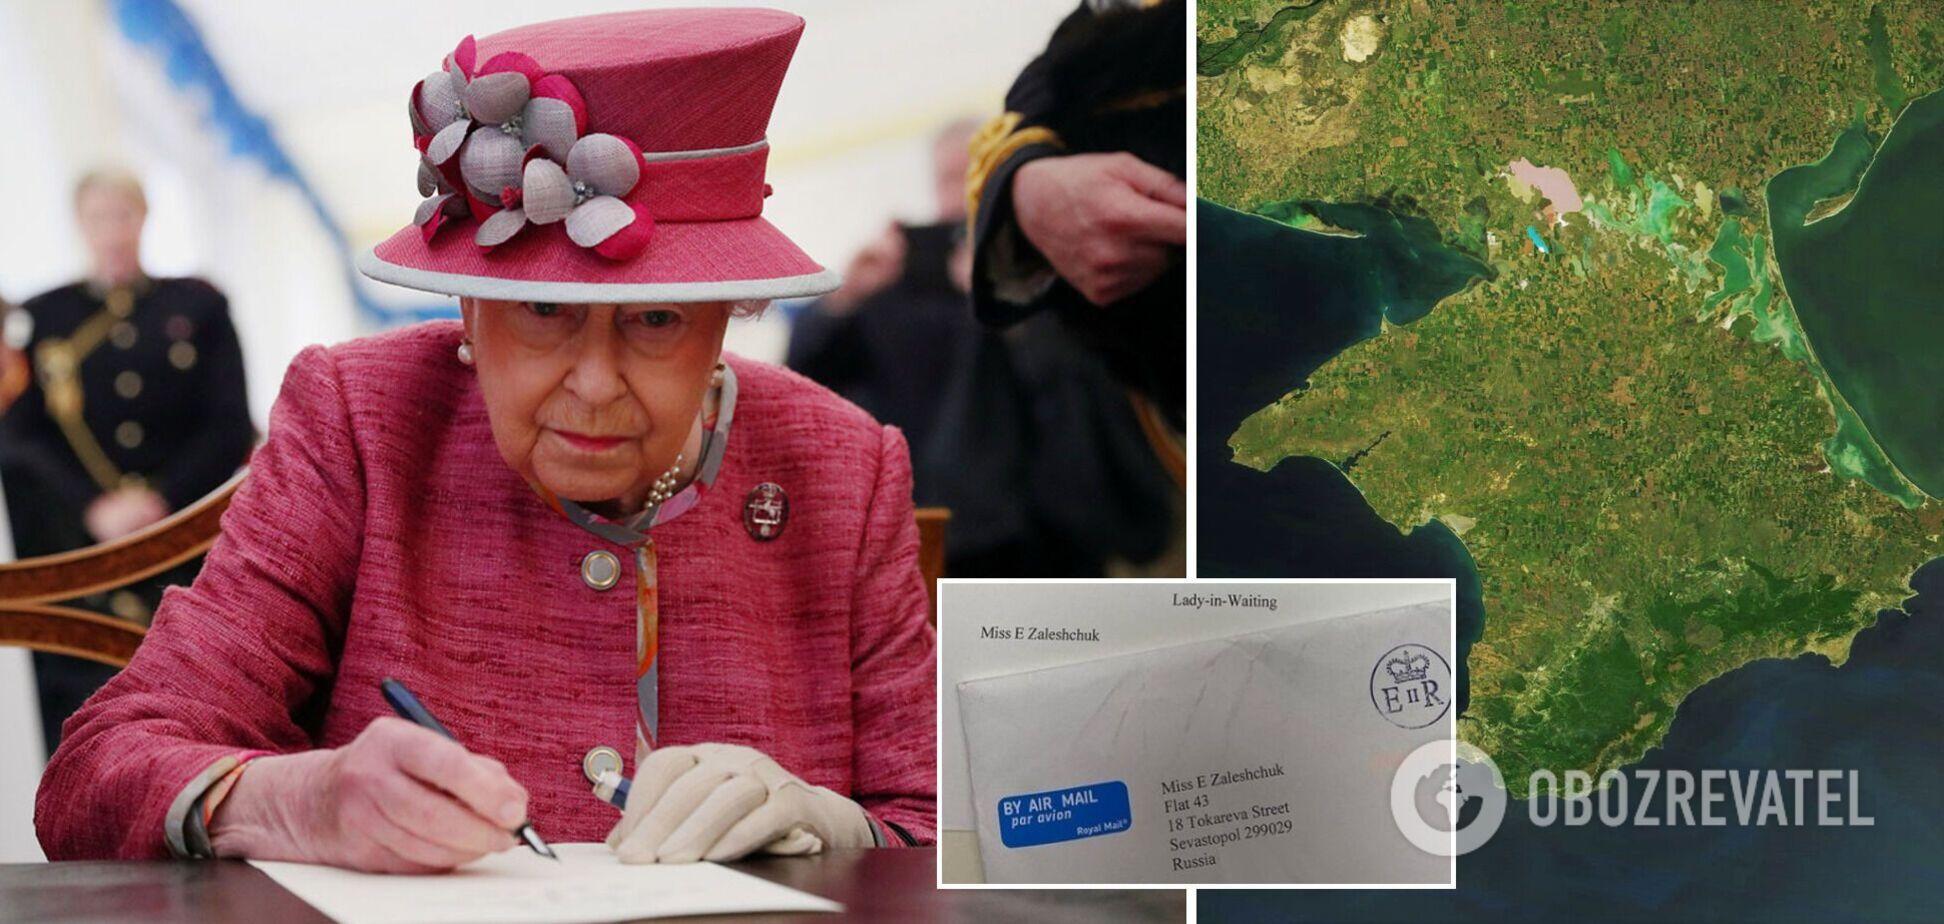 Королева Елизавета II попала в скандал из-за Крыма: в письме для школьников полуостров назвали 'российским'. Фото